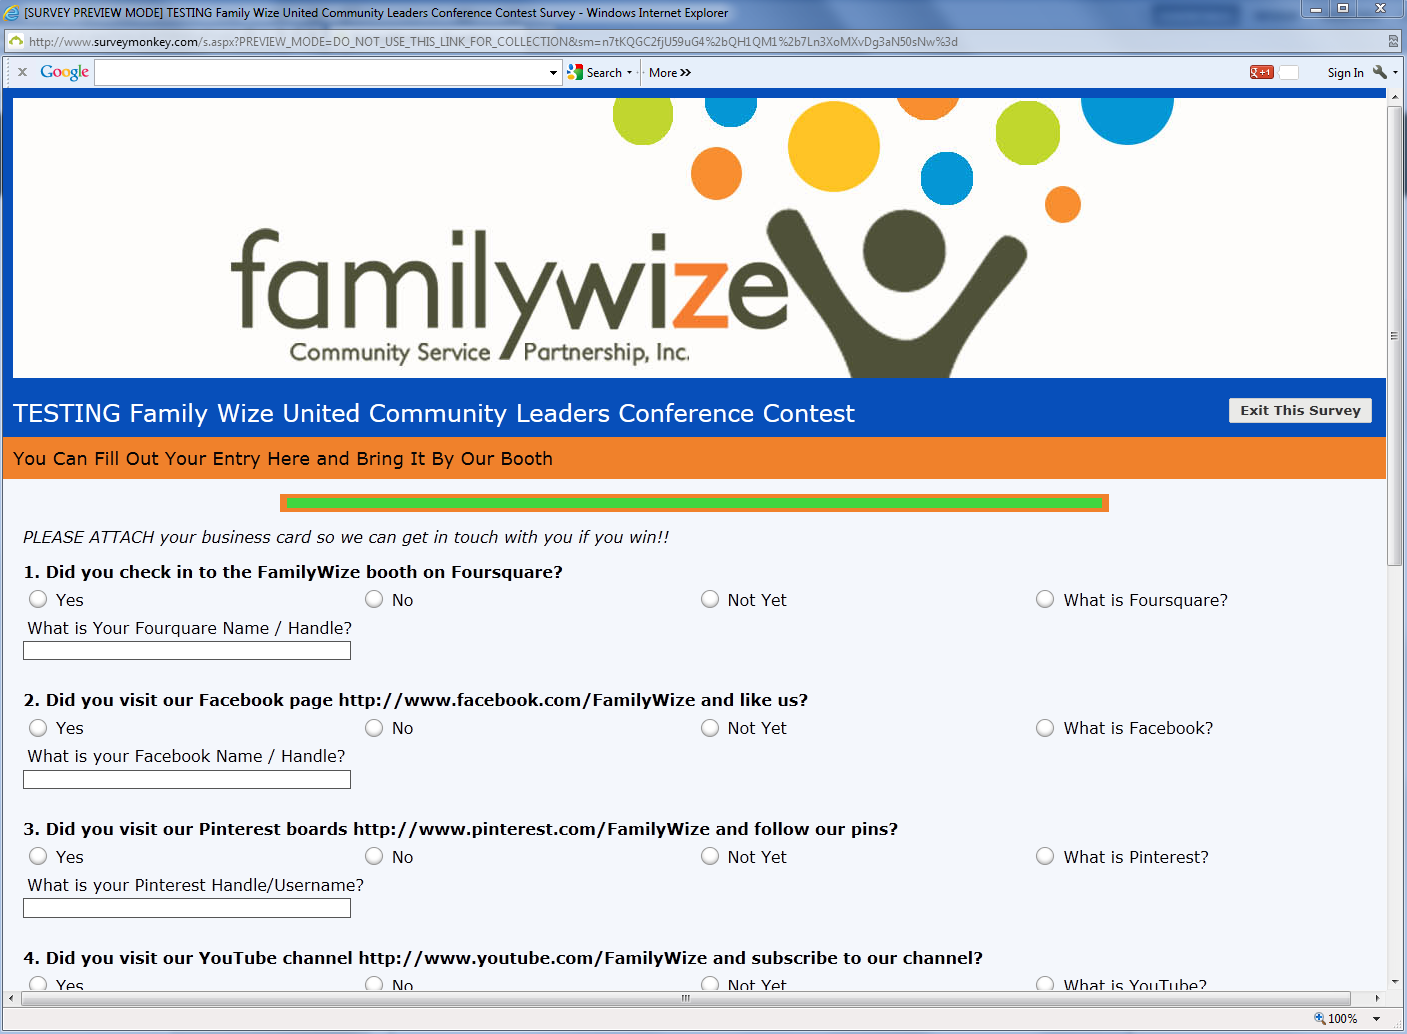 Familywize Custom Created Survey Monkey Profile Created By